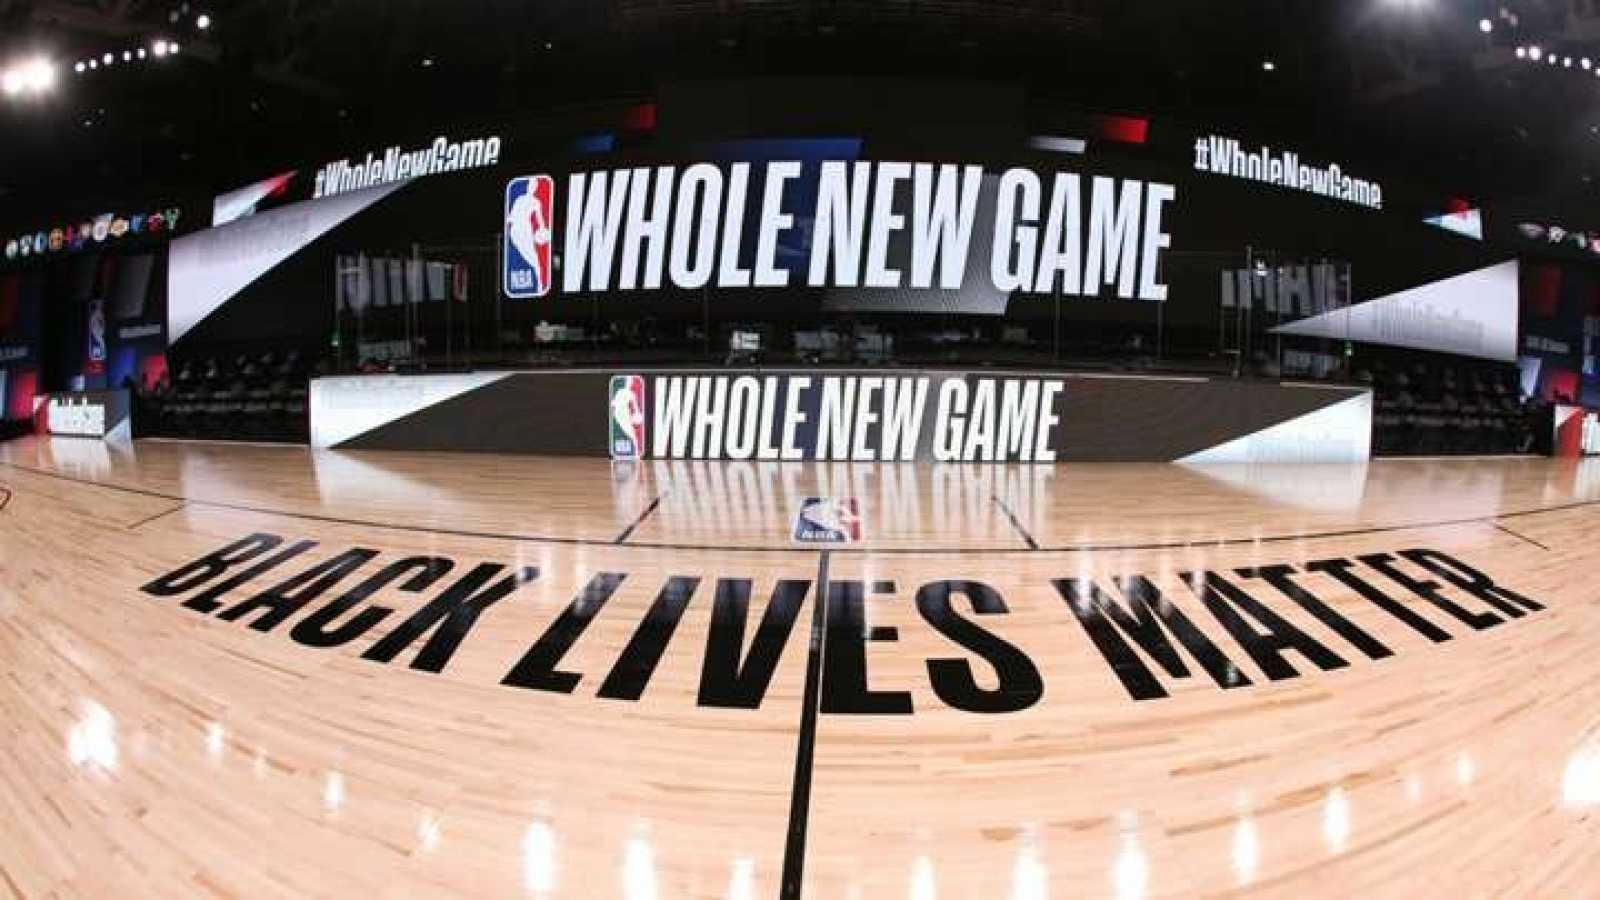 Protestan jugadores contra el racismo en reanudación de la NBA